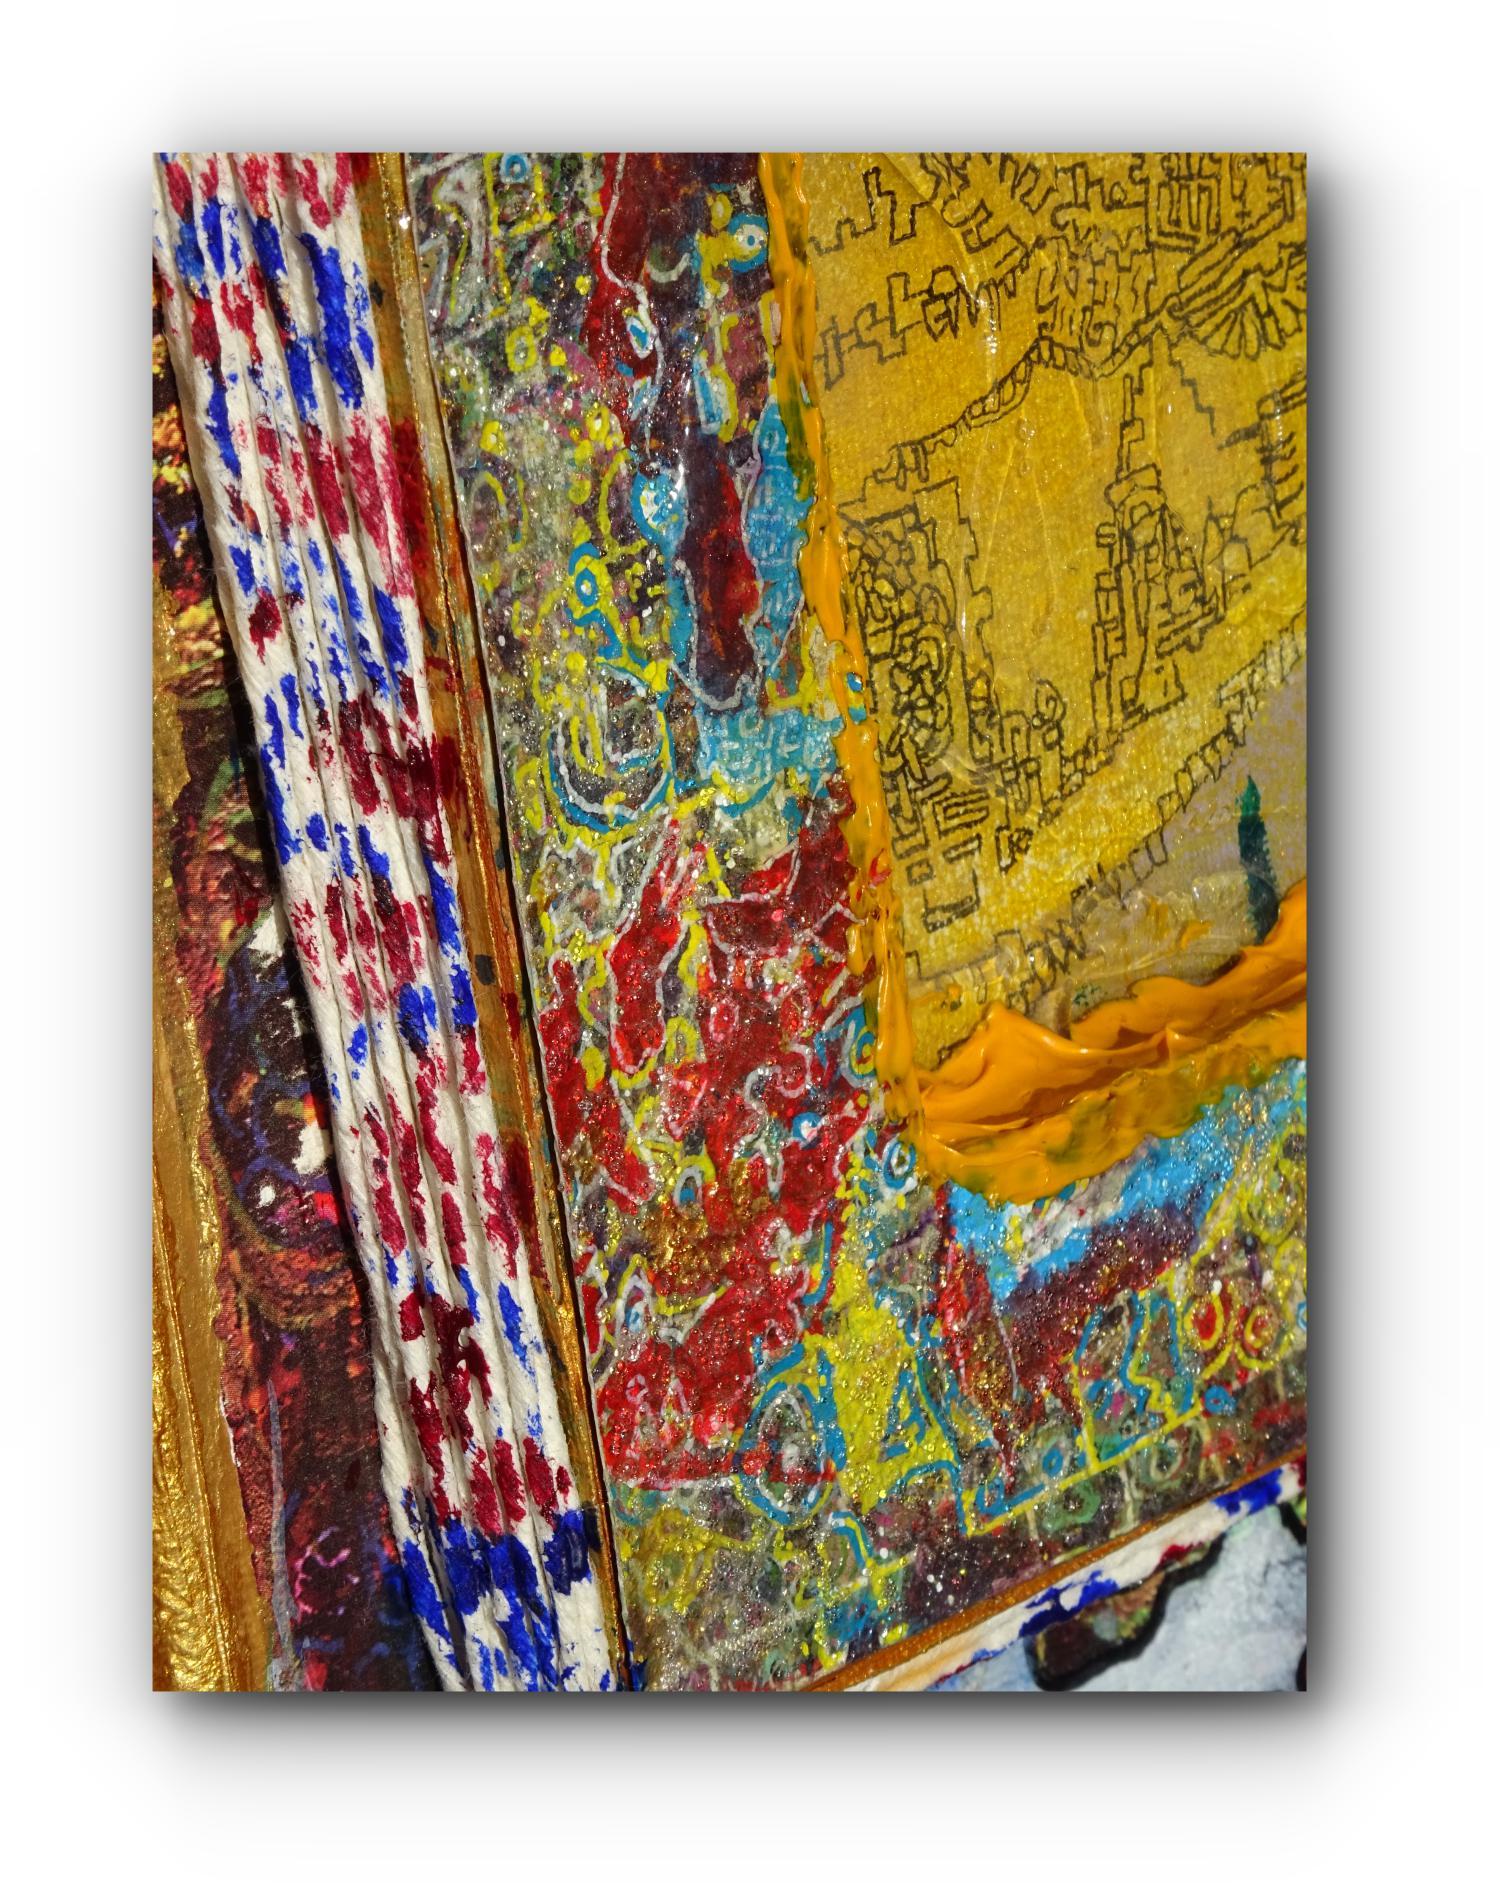 painting-detail-10-receiver-artist-duo-ingress-vortices.jpg